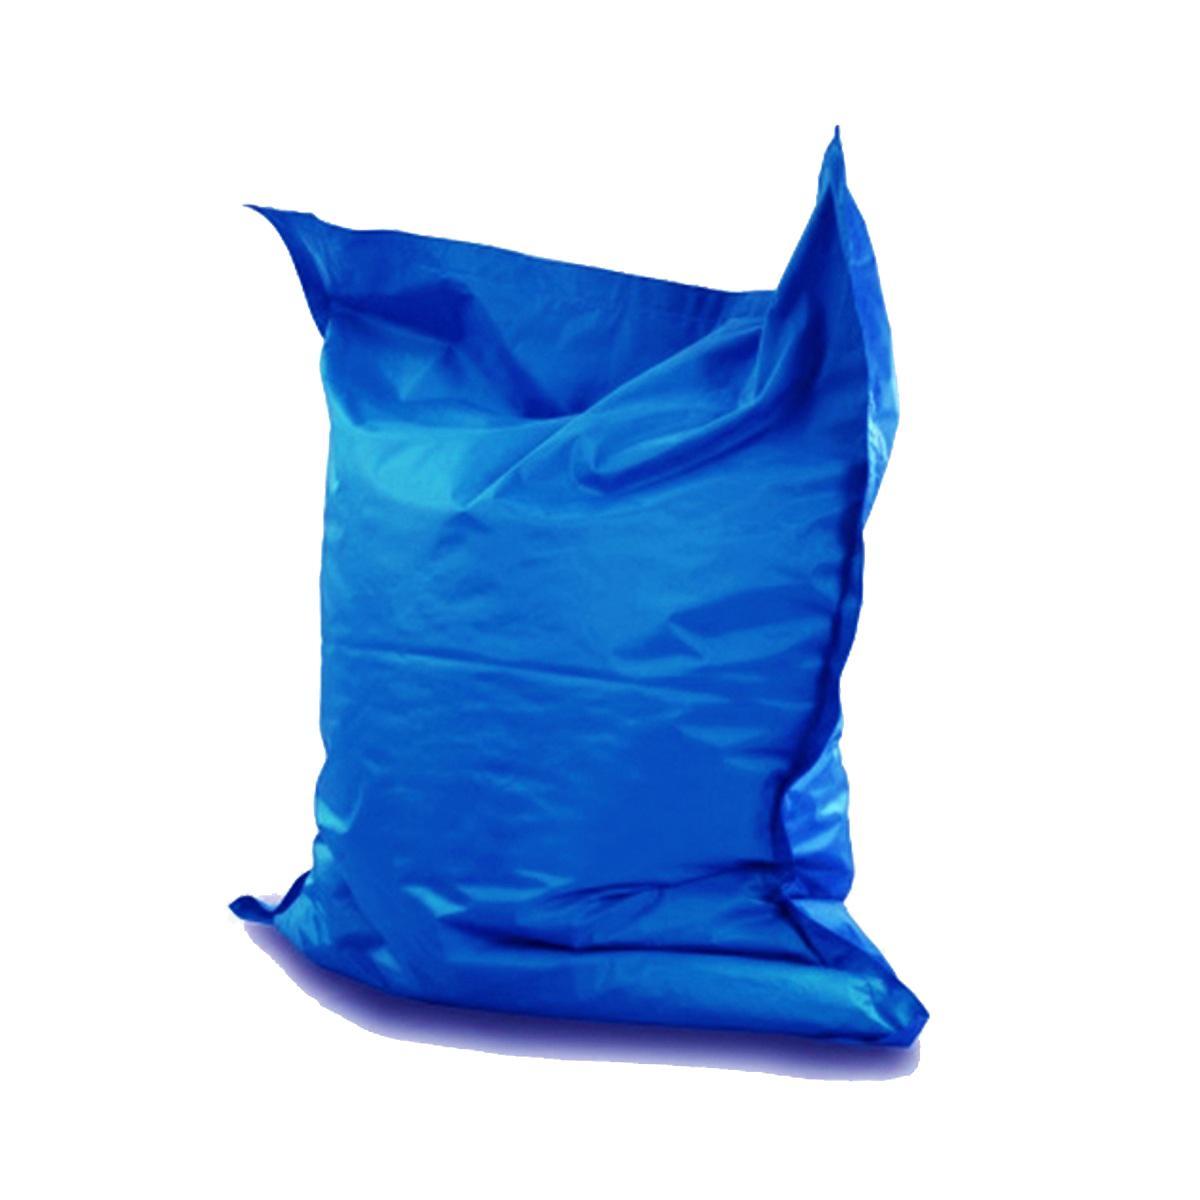 Giant Pillow Bean Bag, Blue